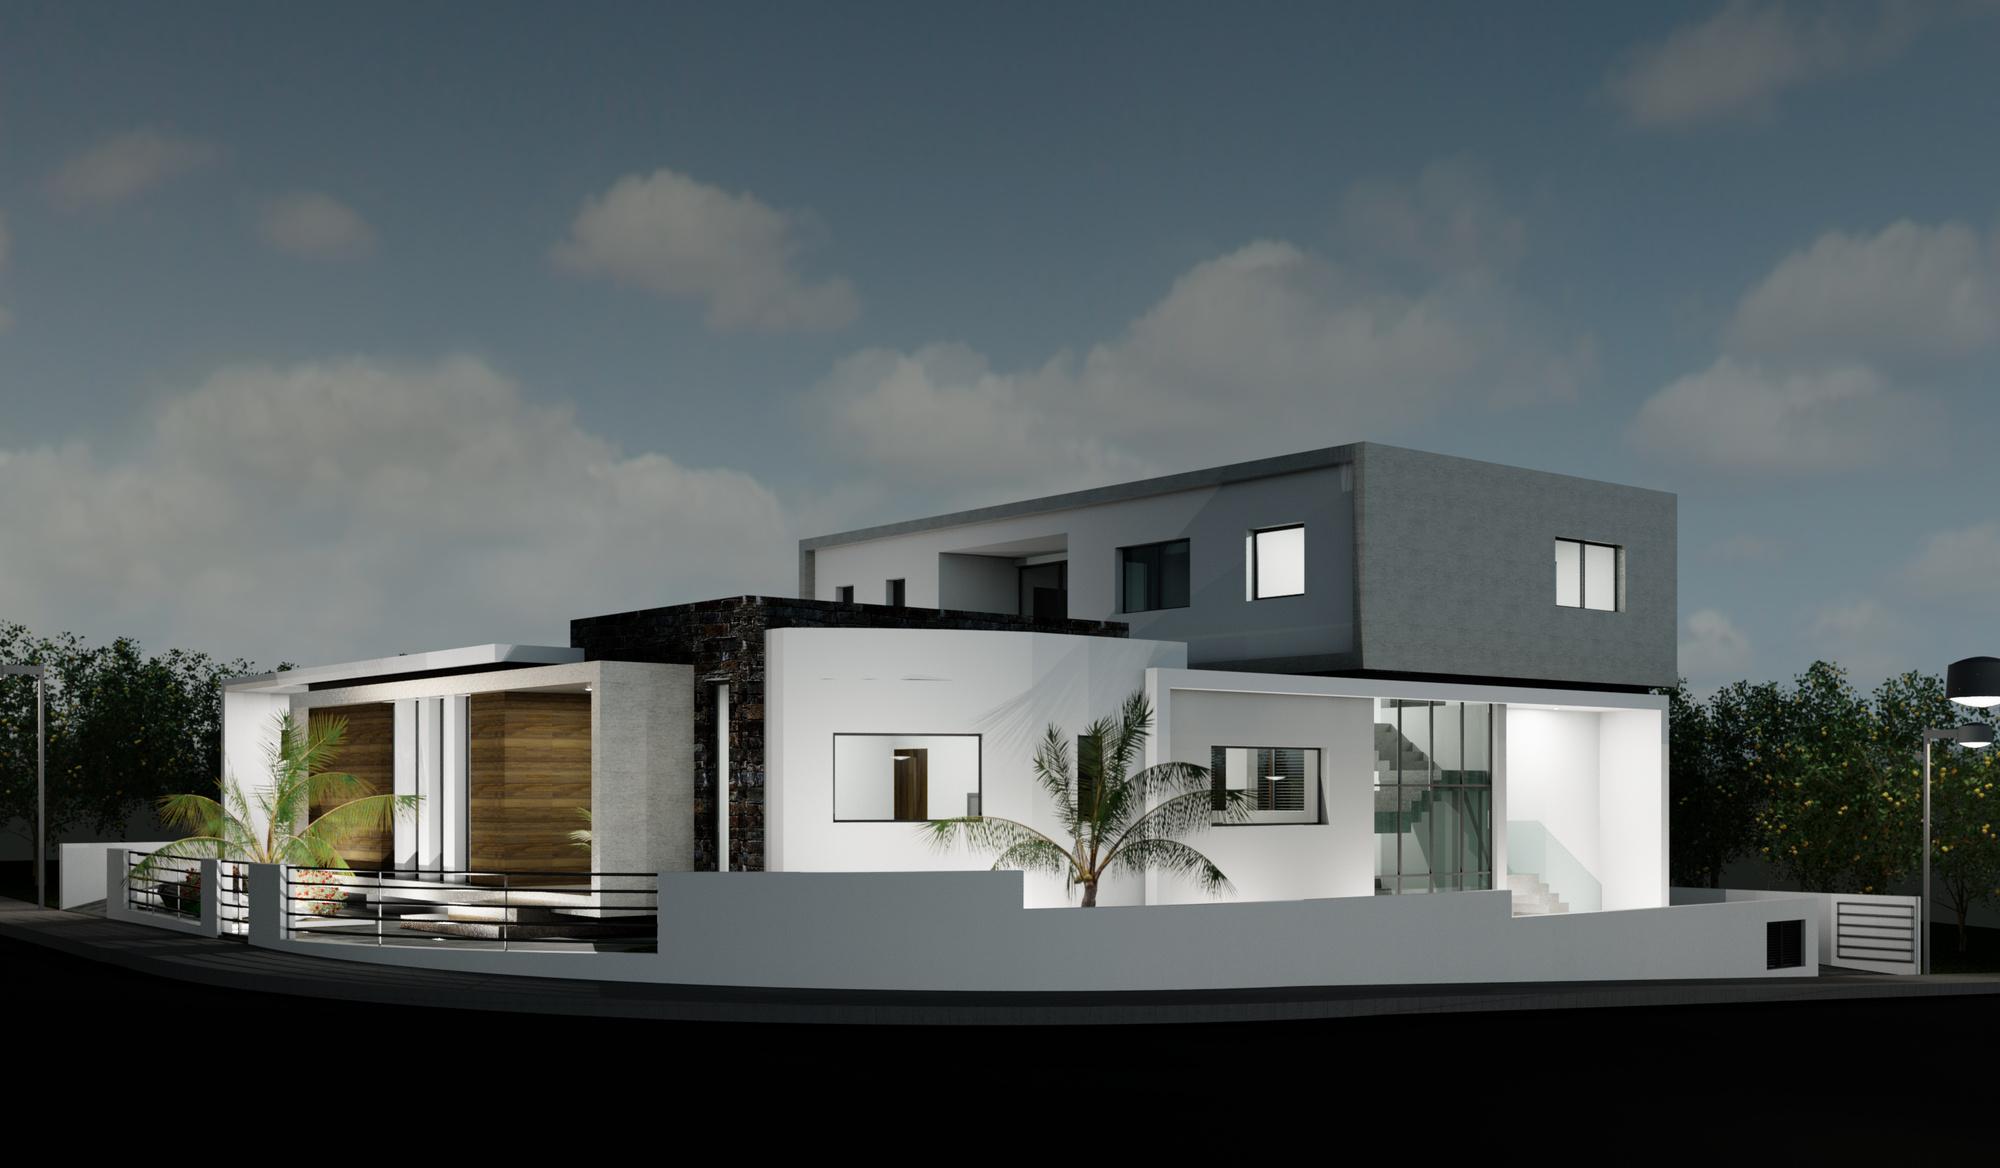 Raas-rendering20141222-15806-12axd5h